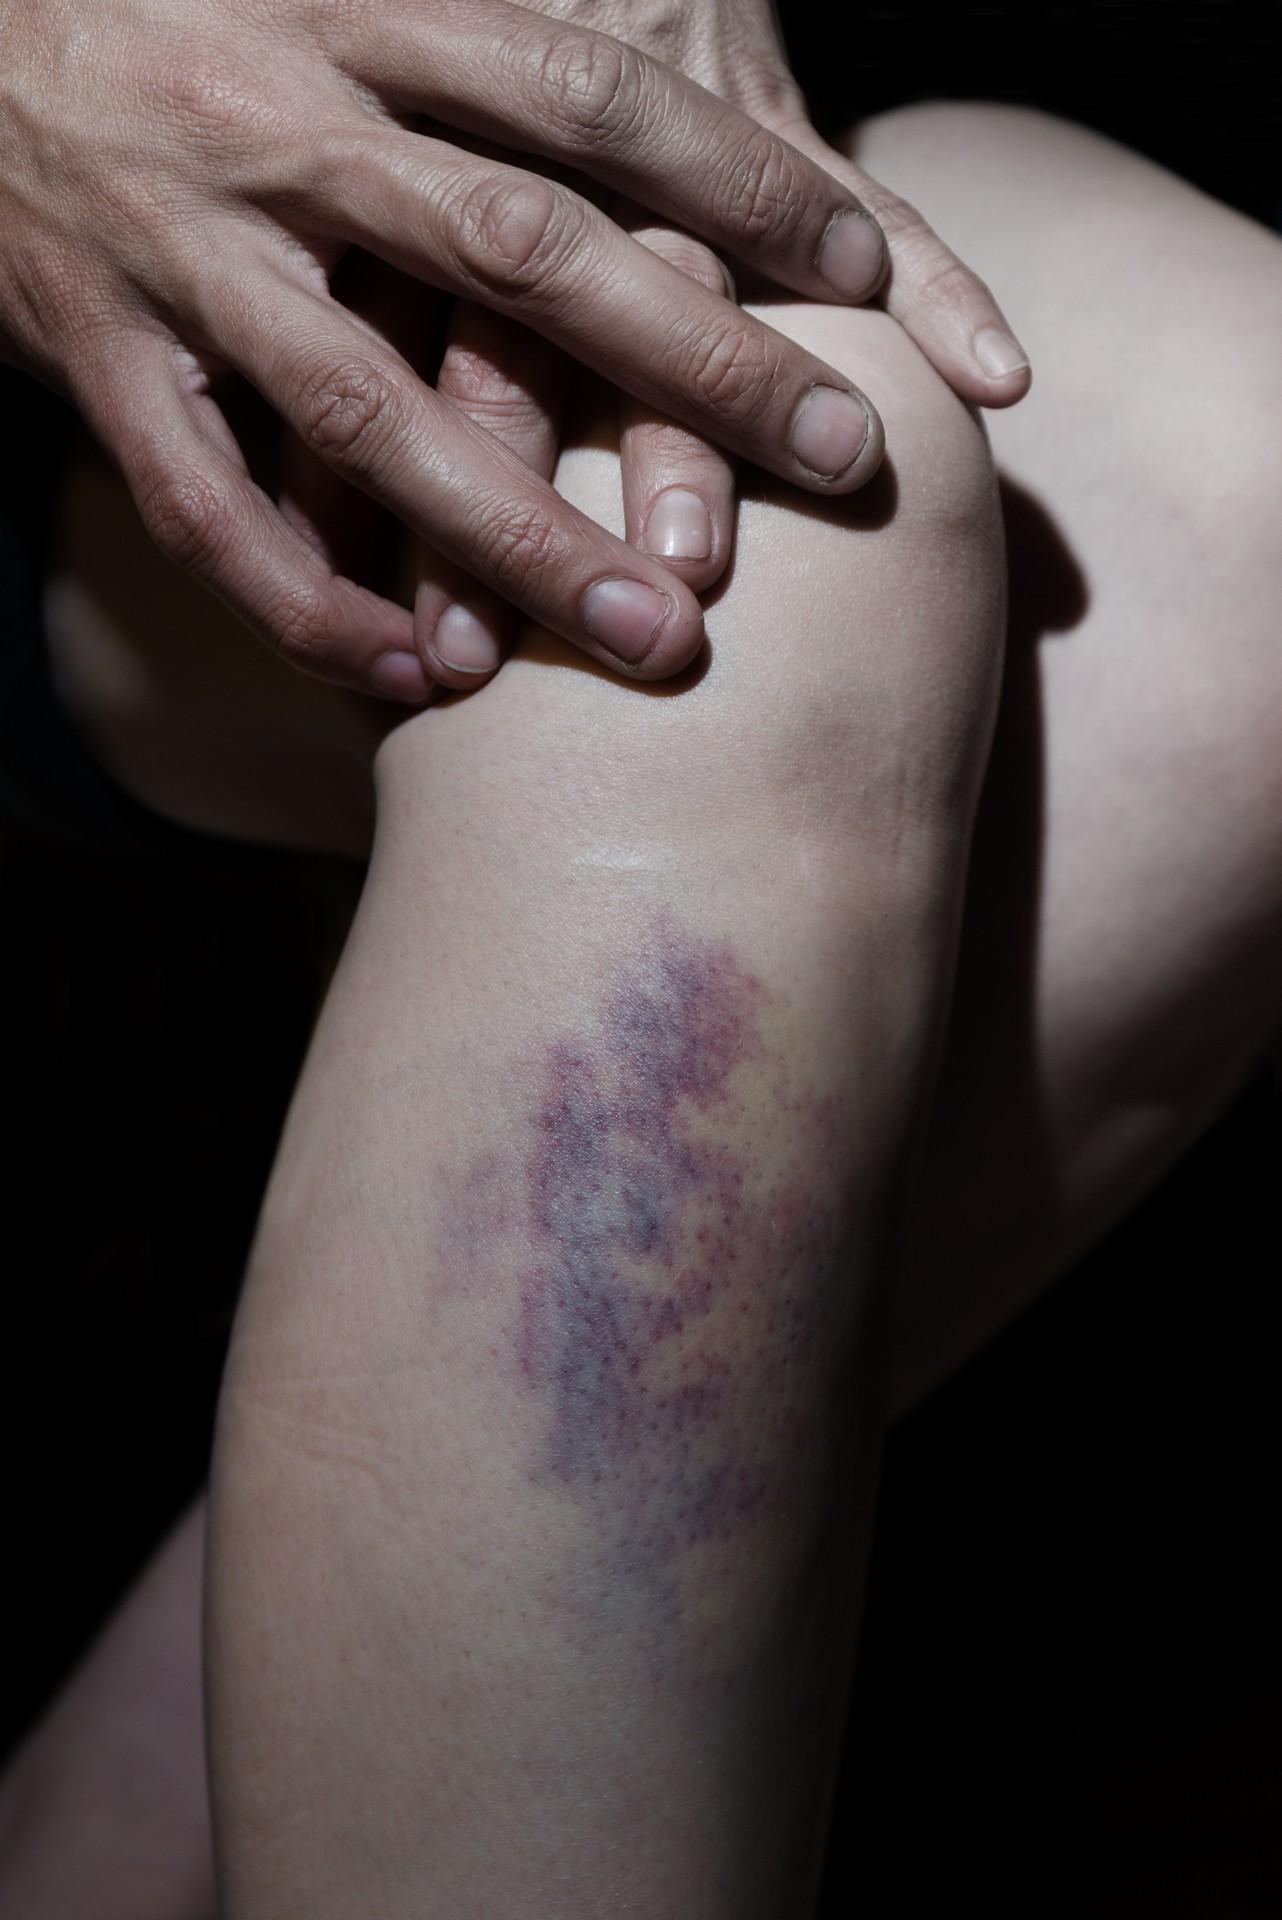 Fotó: Koleszár Adél: Rendőri verés, részlet Az erőszak sebei című sorozatból